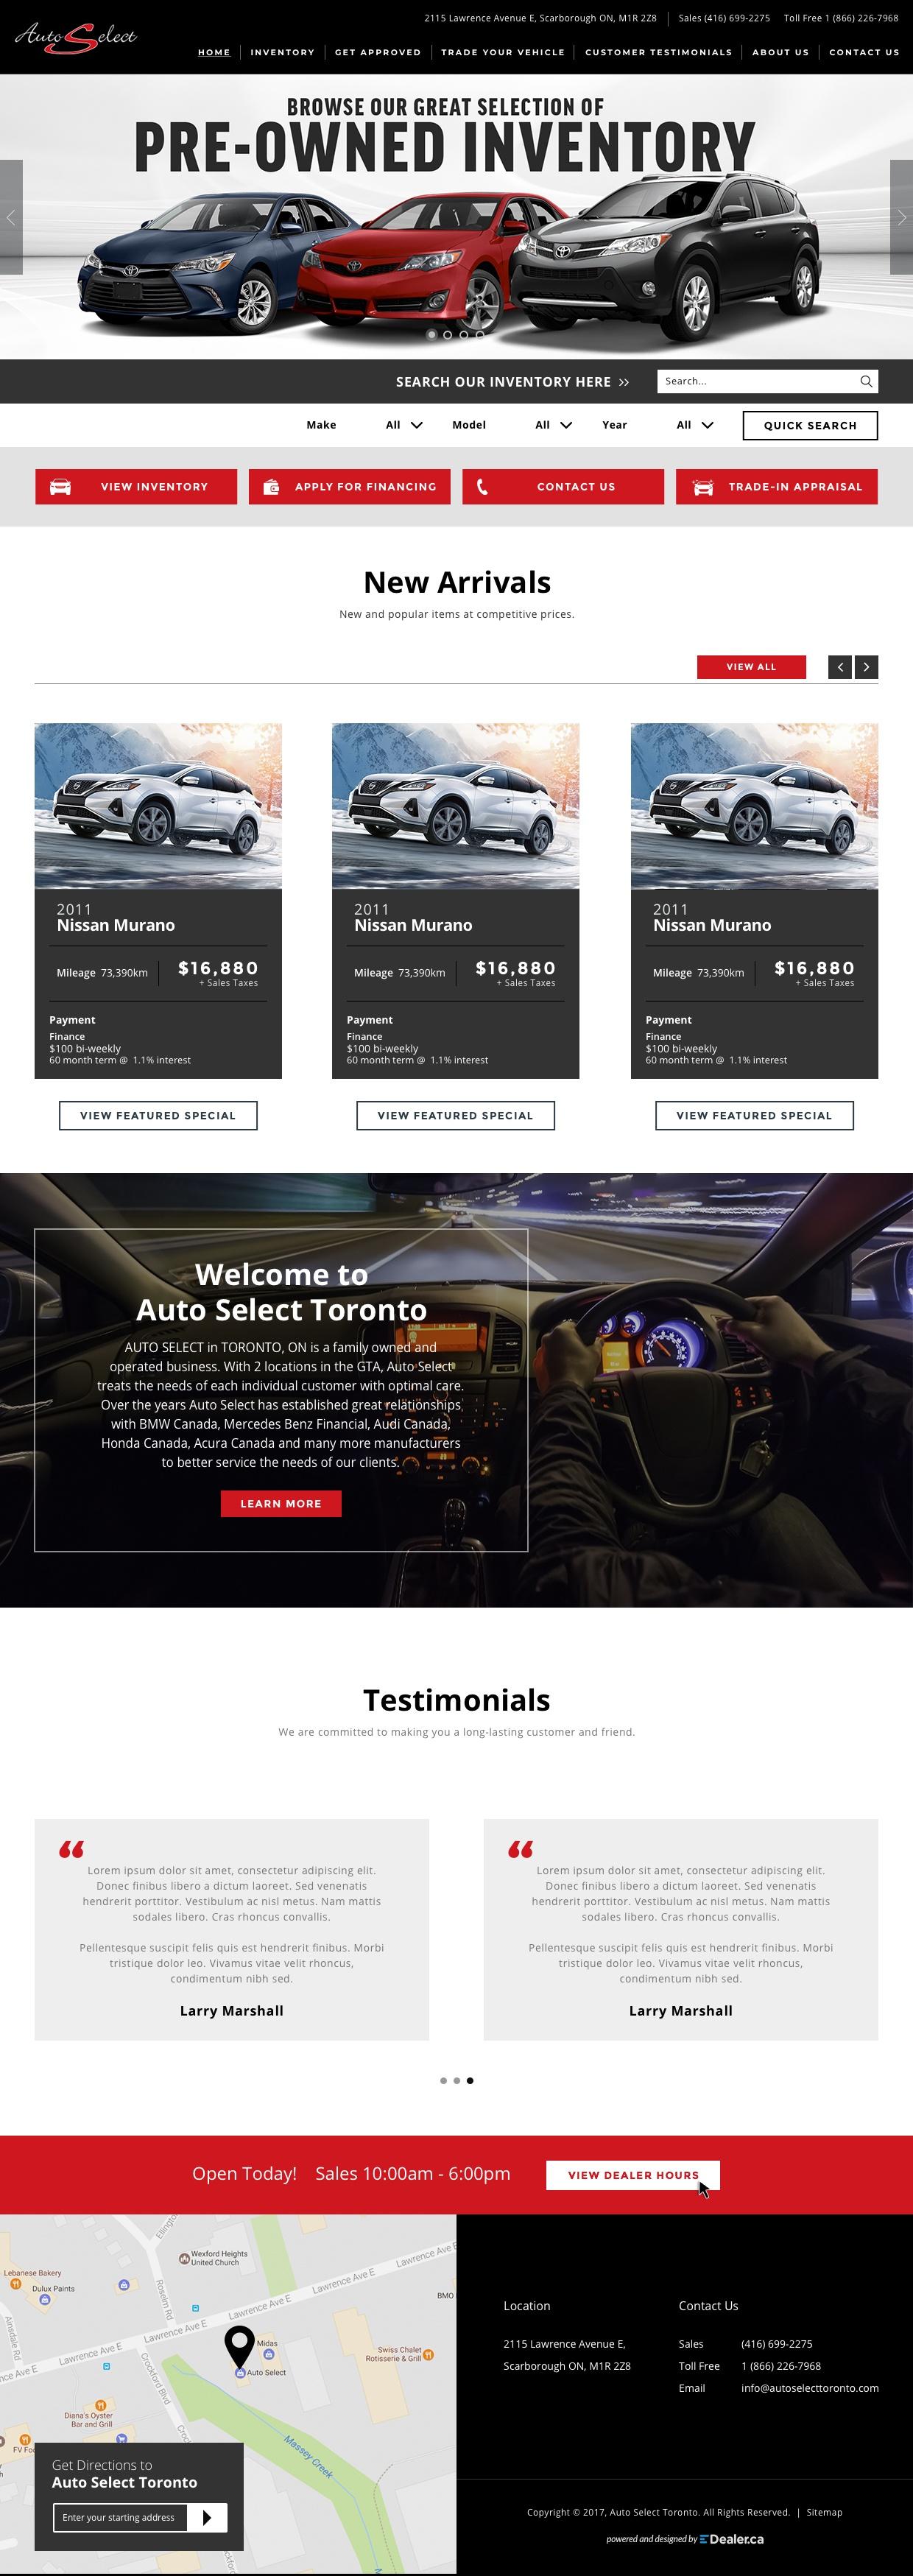 Auto Select Toronto